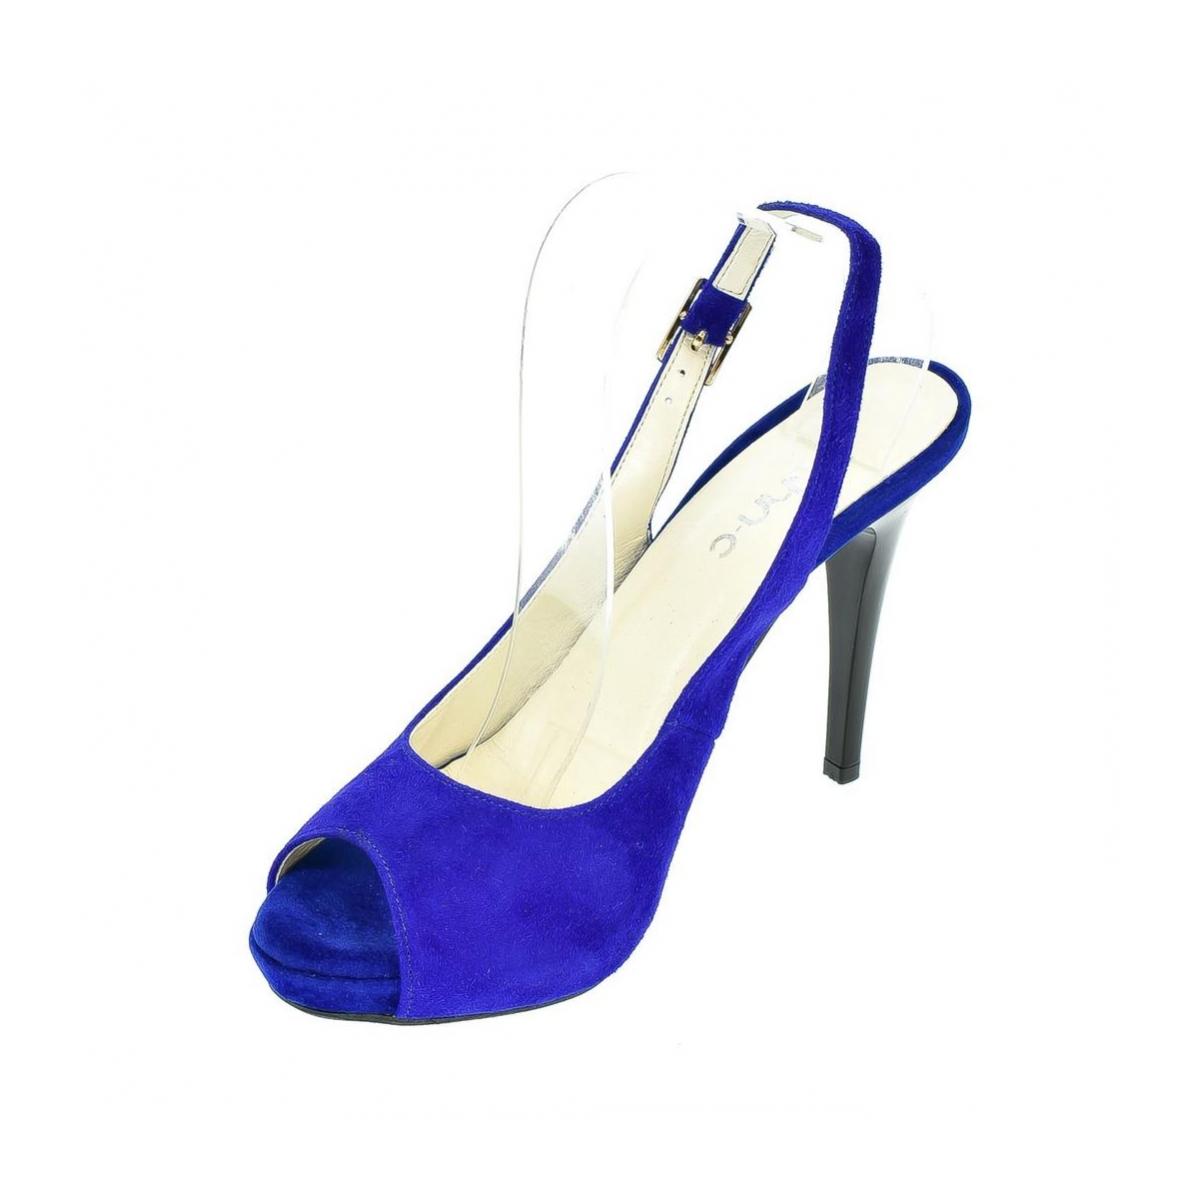 c8ce159623 Dámske kožené modré sandále SINNI - 6